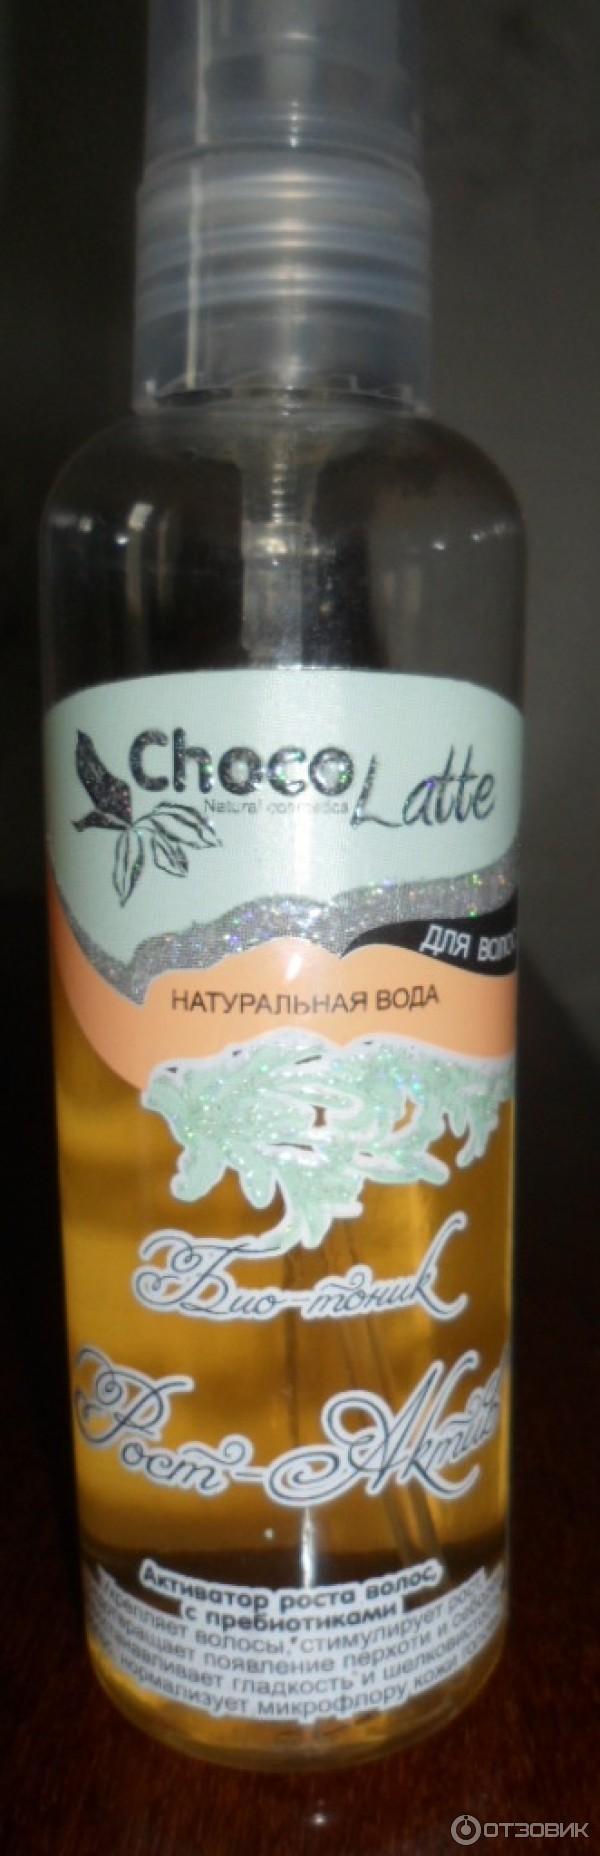 Спрей для волос chocolatte